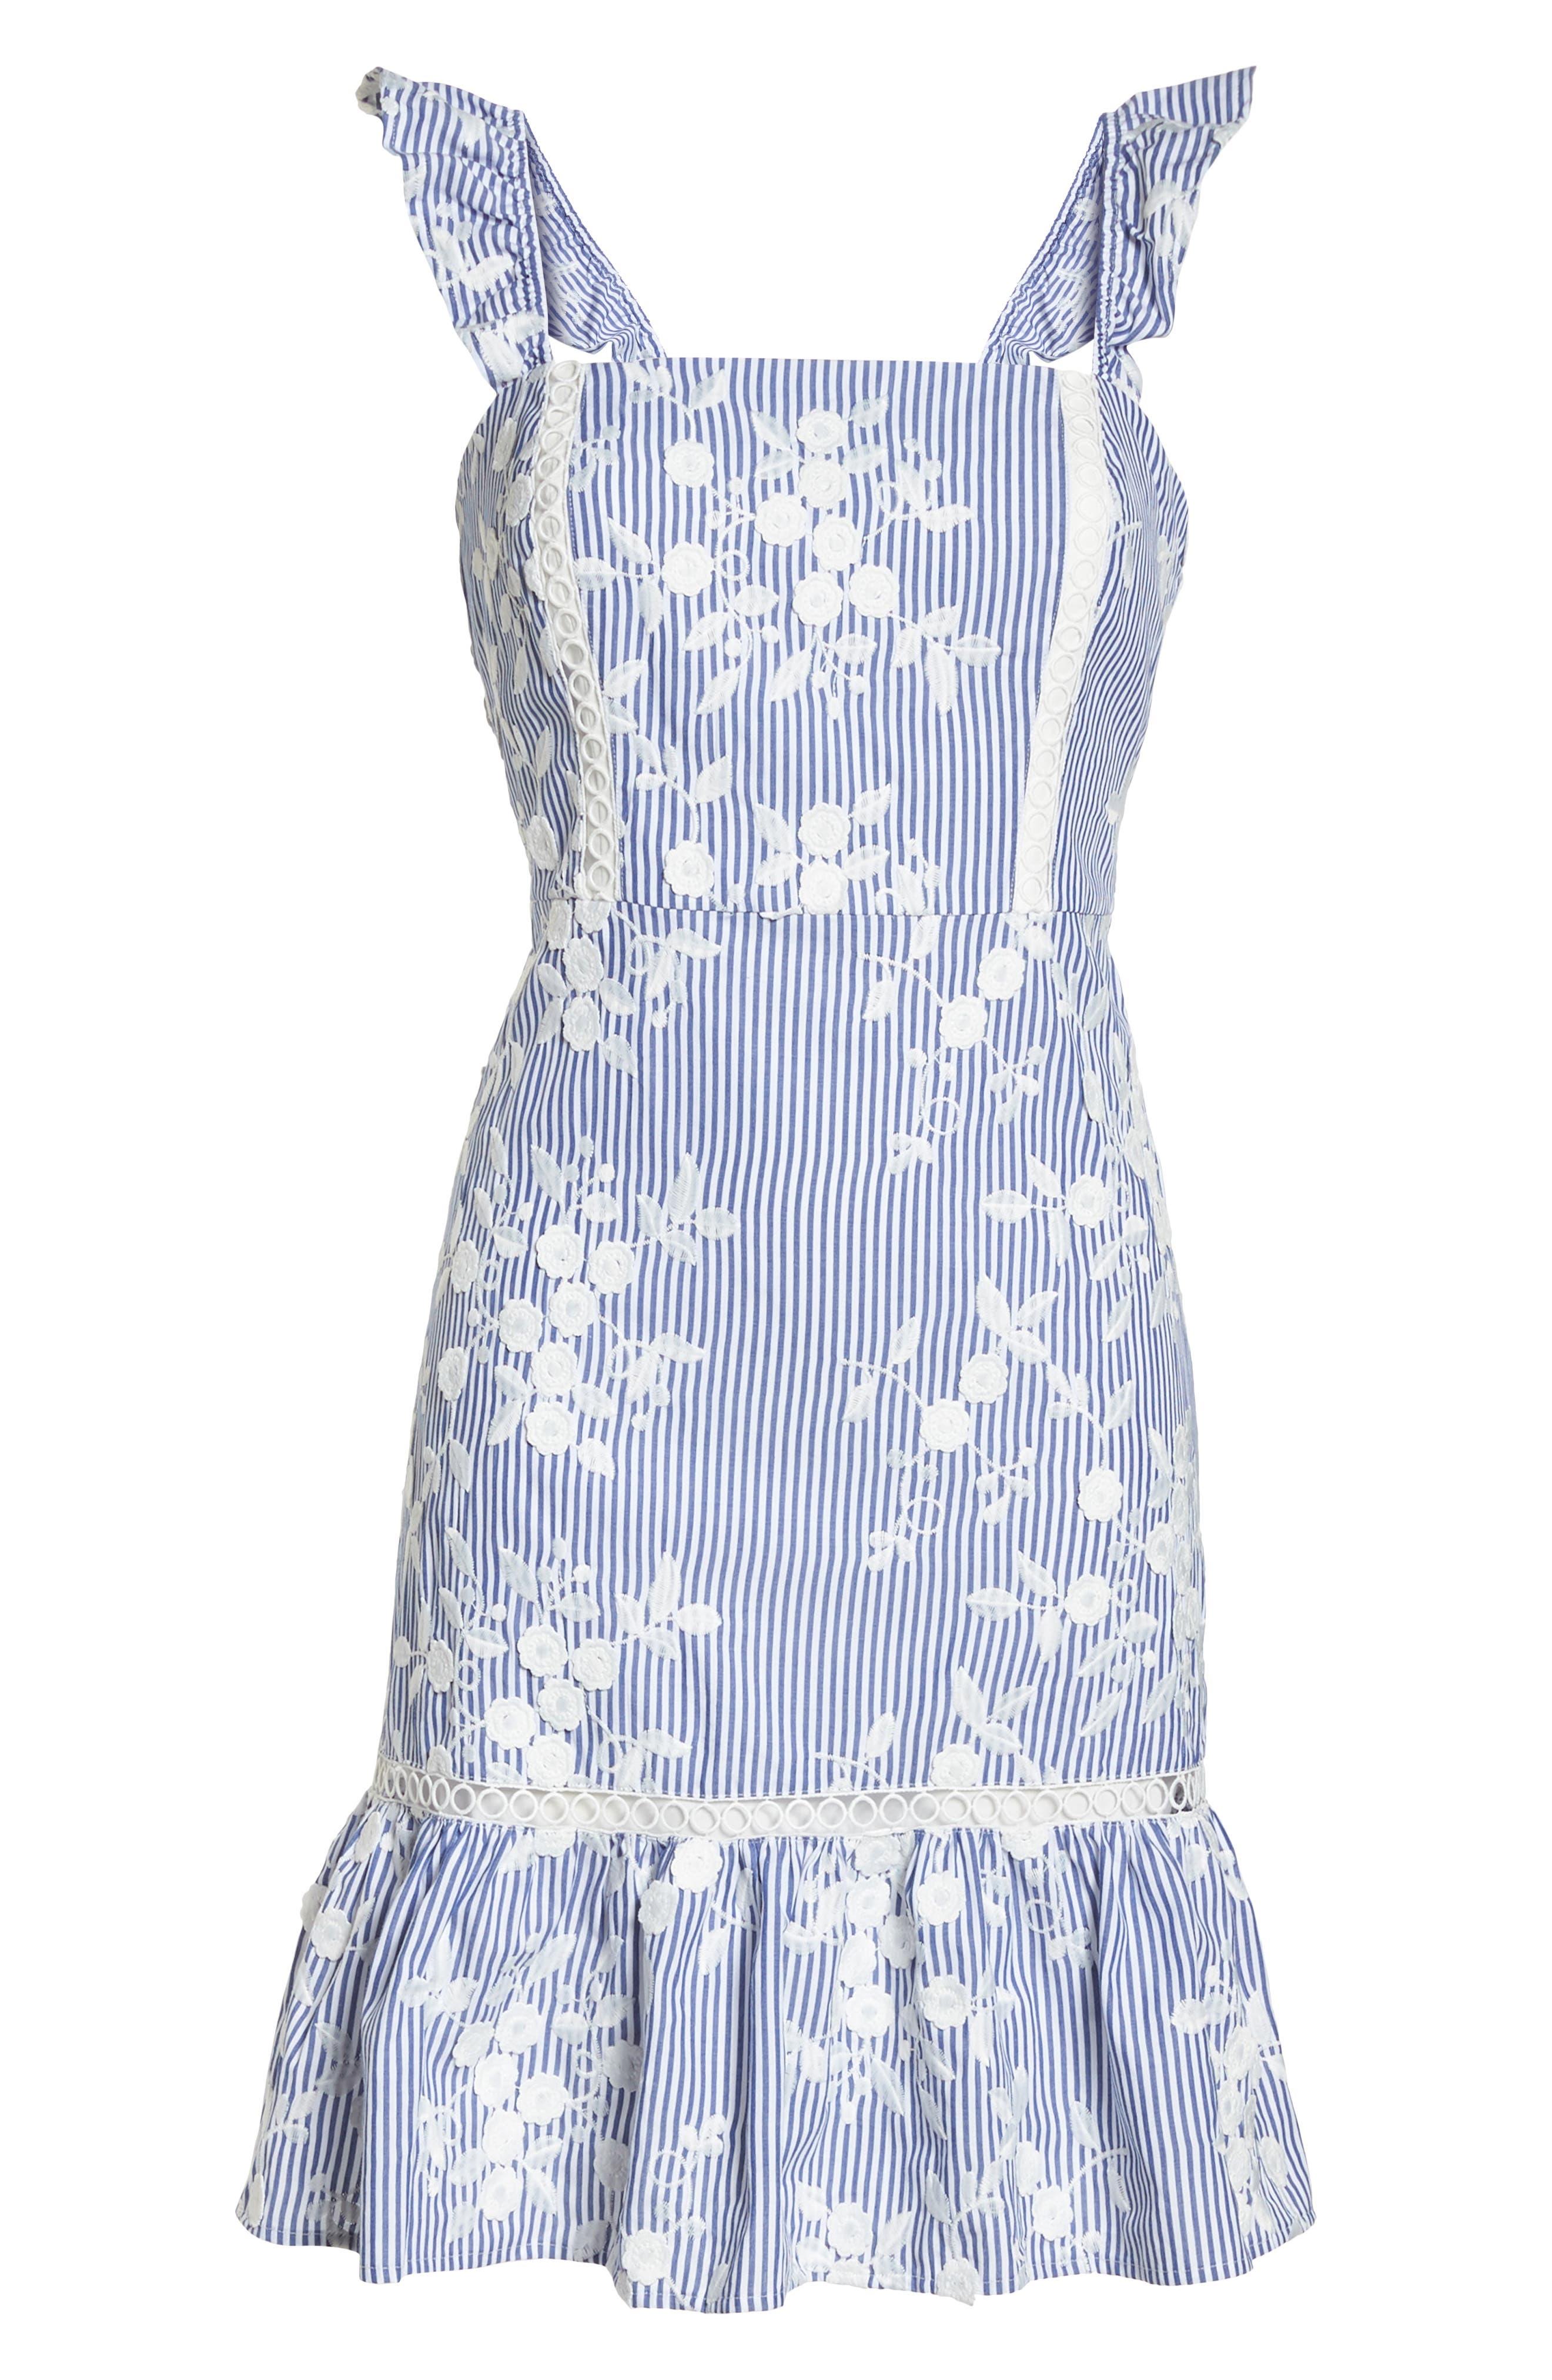 Embroidered Ruffle Hem Sundress,                             Alternate thumbnail 7, color,                             WHITE/ BLUE